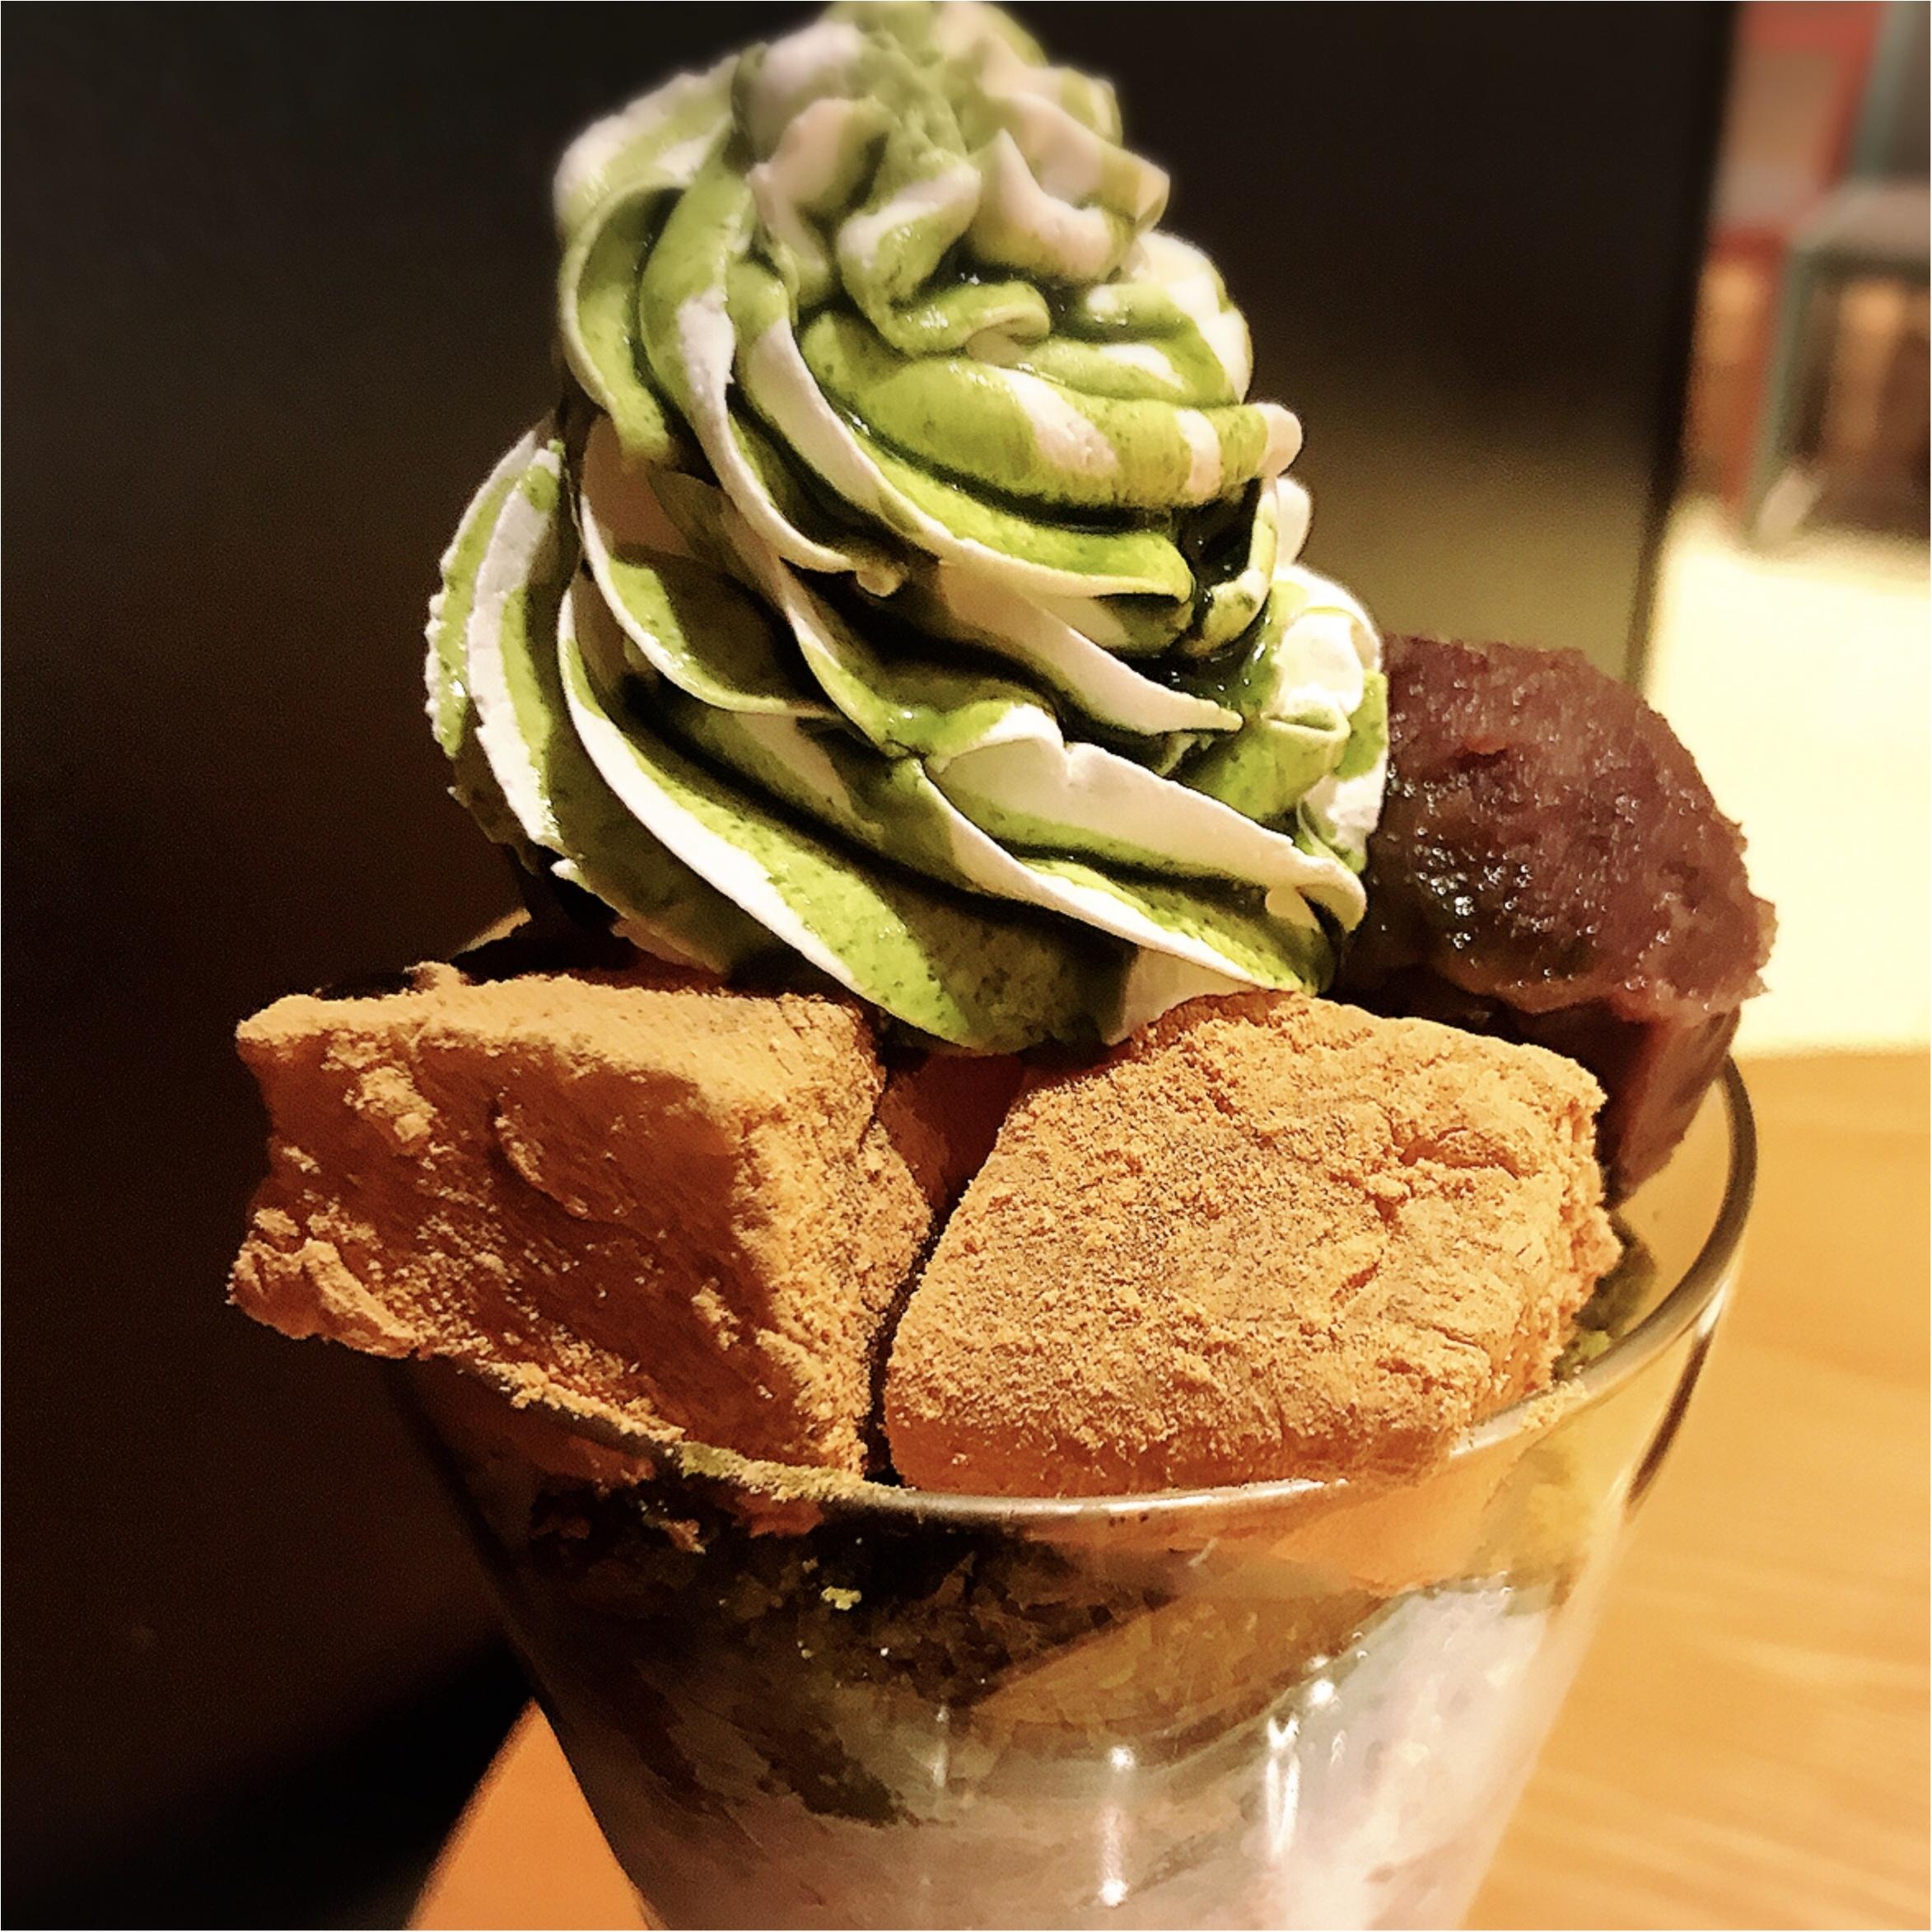 大好きなもの全部乗せ♡nana's greentea(ナナズグリーンティー)の抹茶パフェ!_2